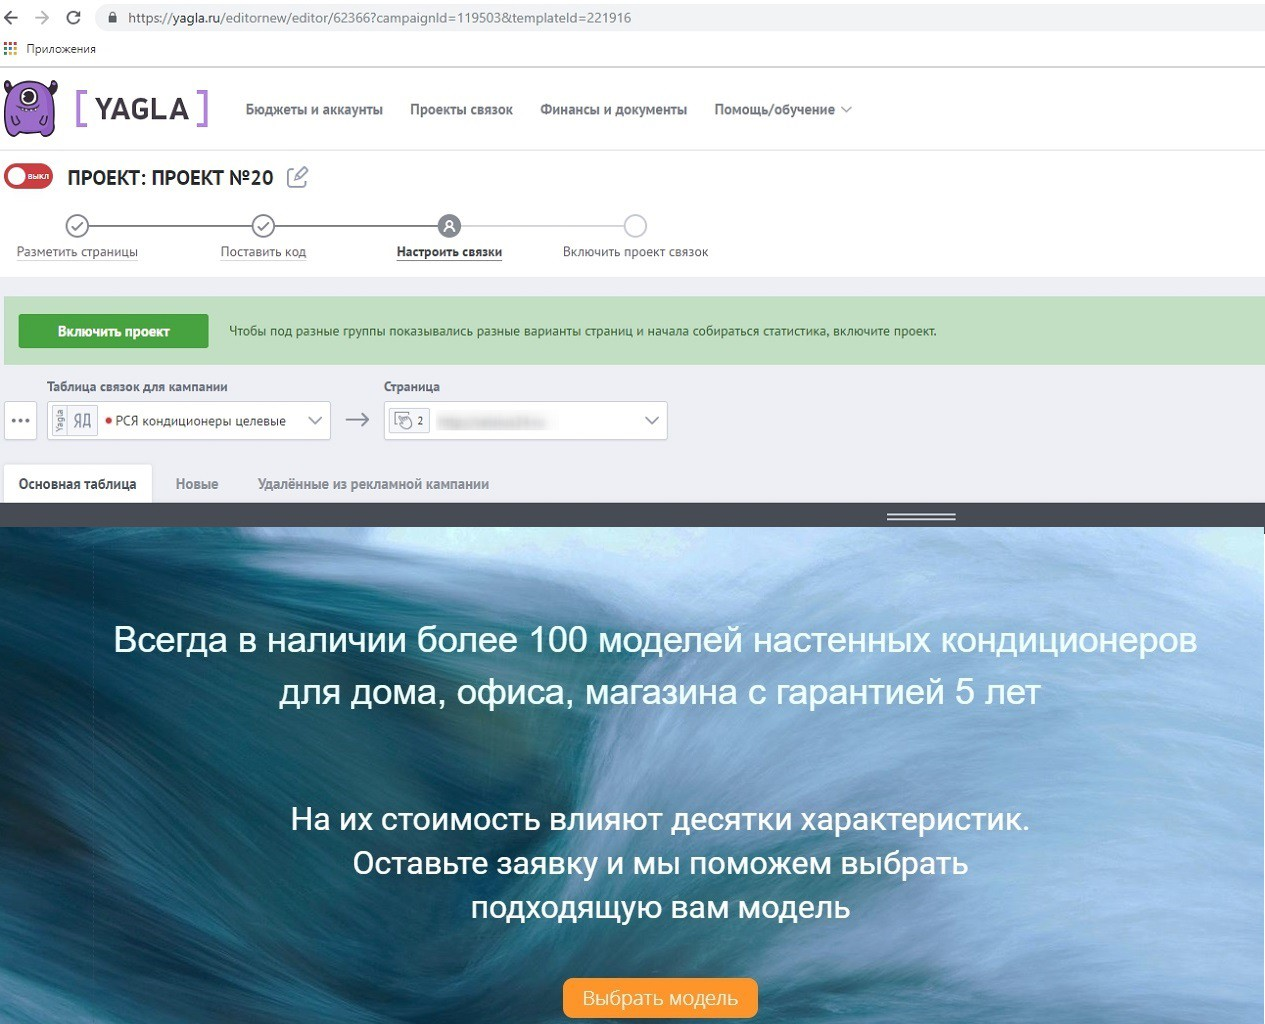 Как настроить рекламу в РСЯ – предварительный просмотр текстов подмен на сайте